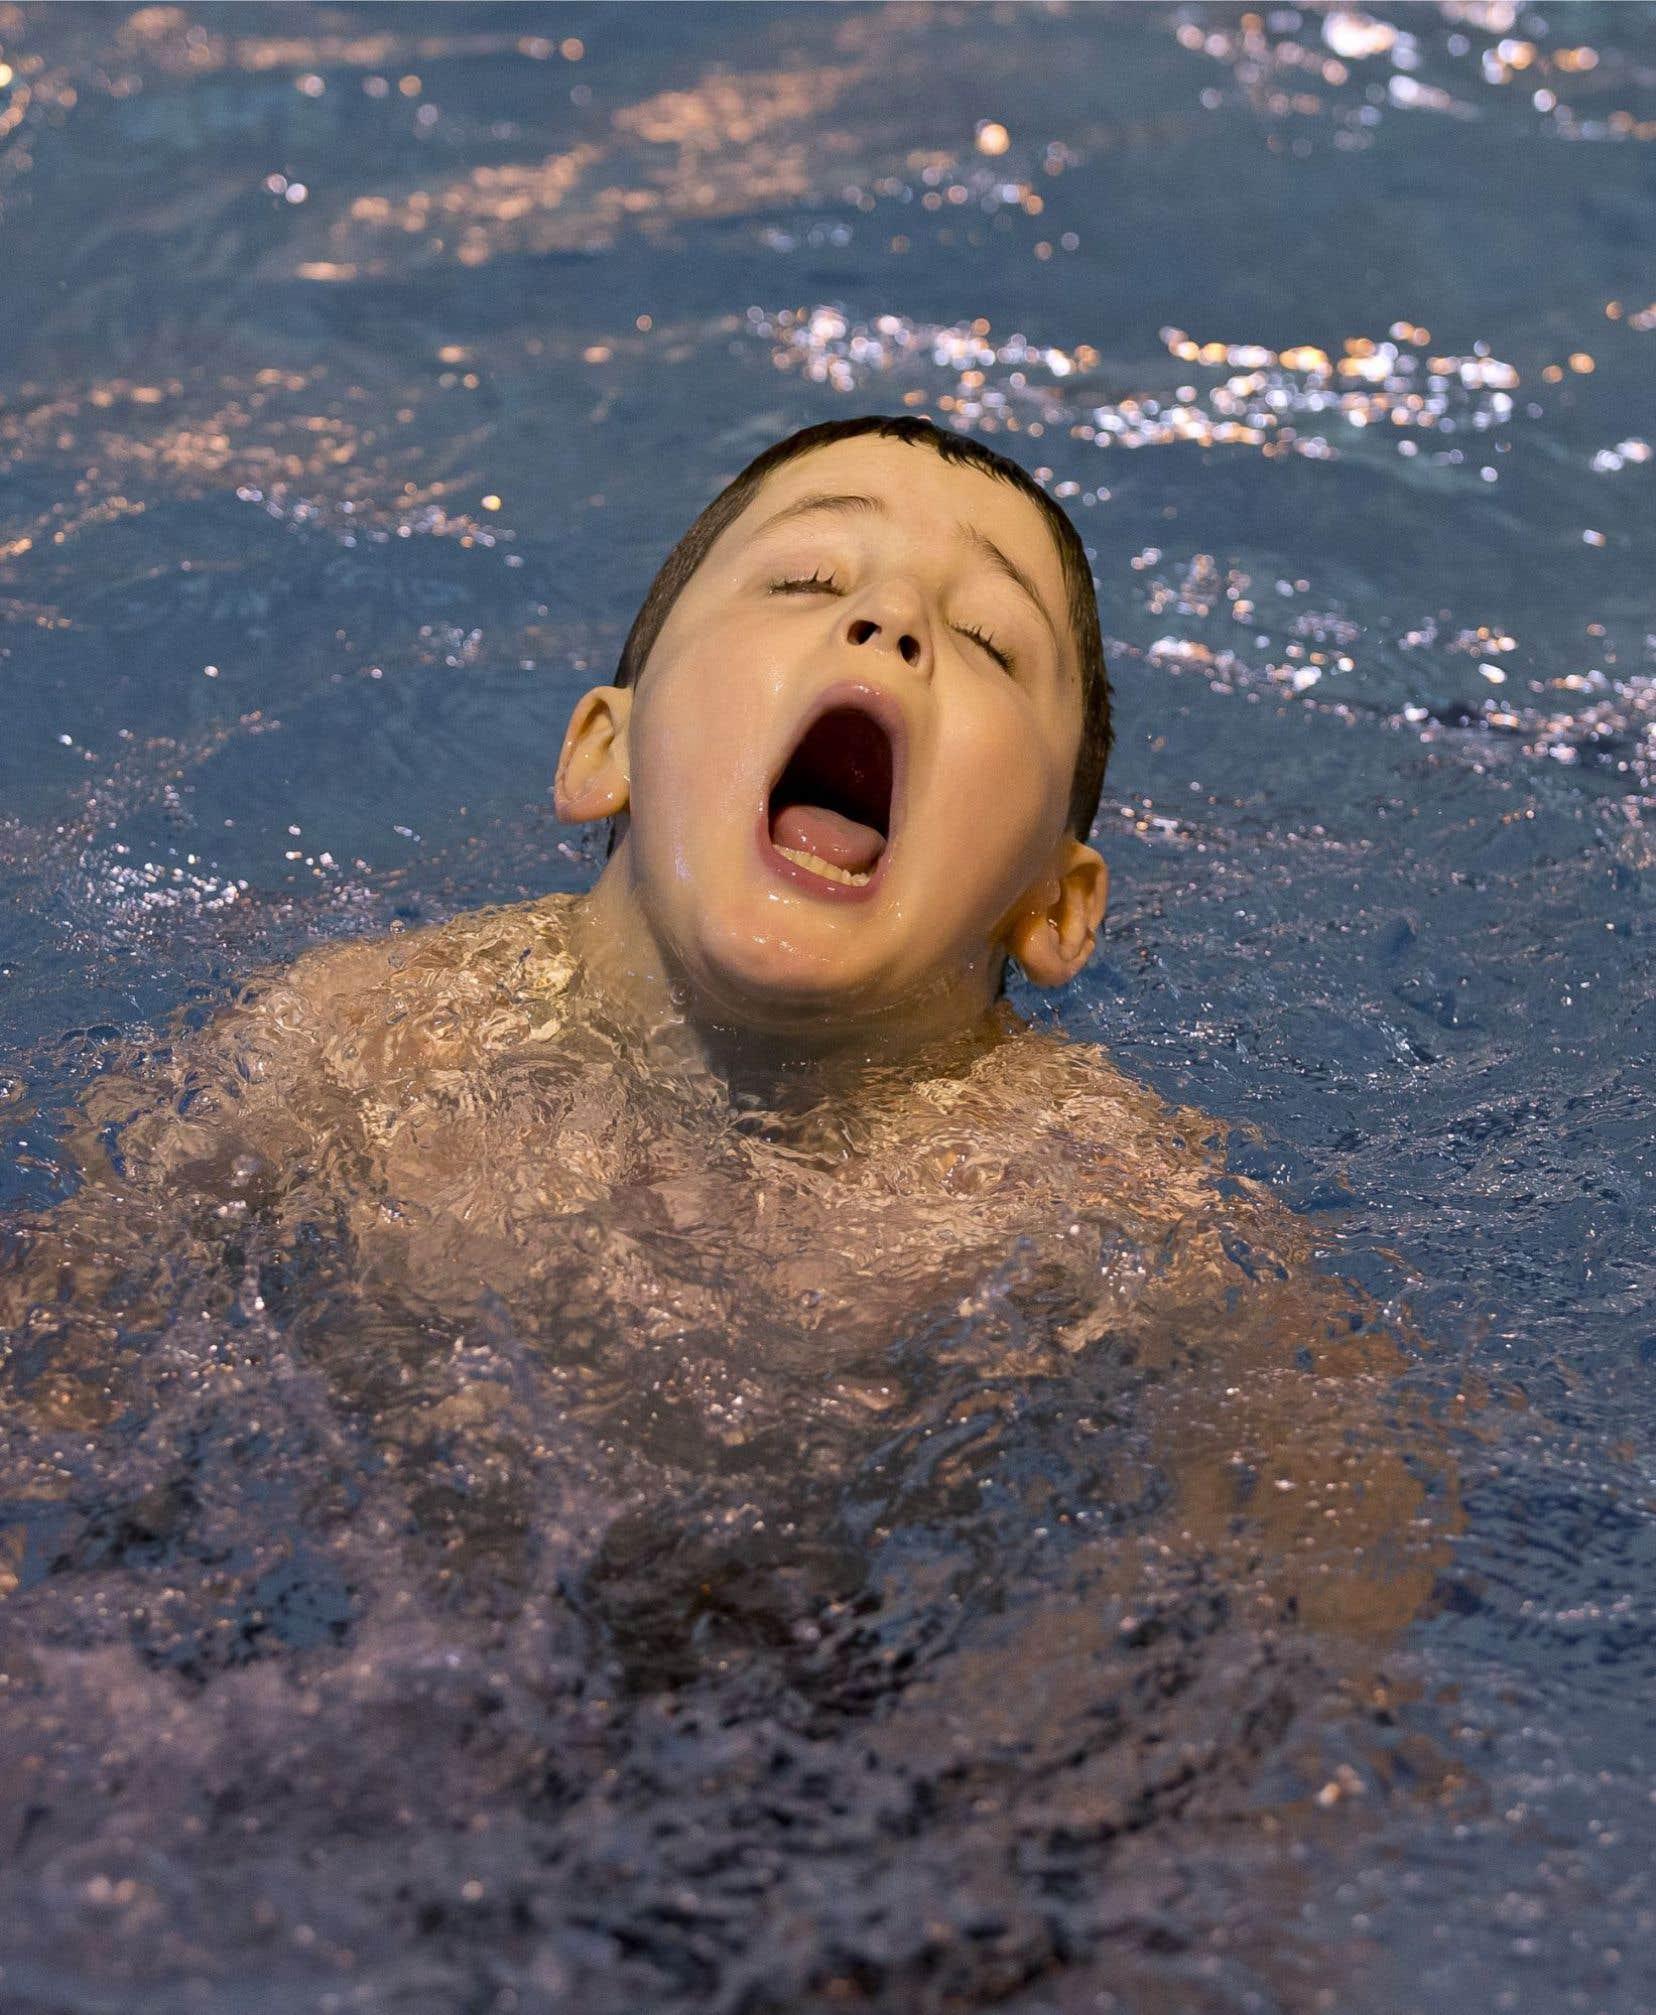 Stevens, un jeune autiste, crie tout son bien-être de passer du temps dans la piscine. Avec lui, les cours de natation constituent l'approche qui lui permet de communiquer. Dans une communauté autistique hétérogène, chaque personne devrait d'ailleurs être abordée distinctement, préconise le psychologue Tony Attwood.